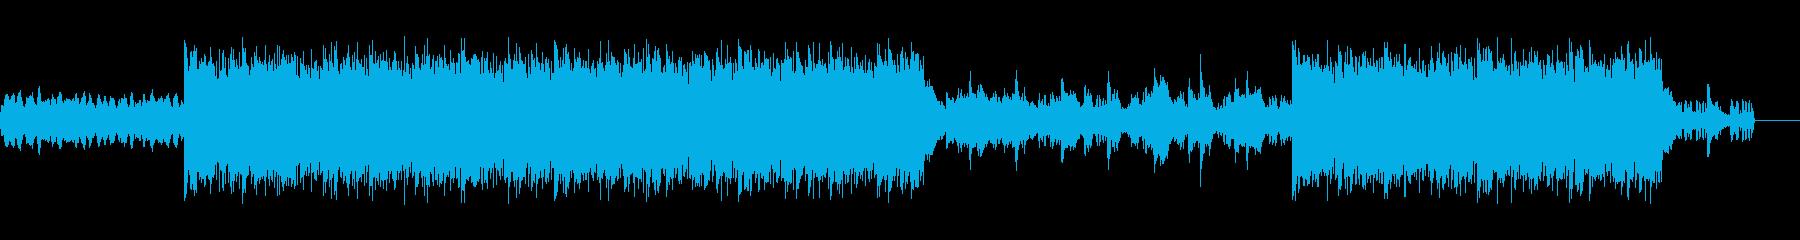 事件の手がかりを探しているような曲の再生済みの波形